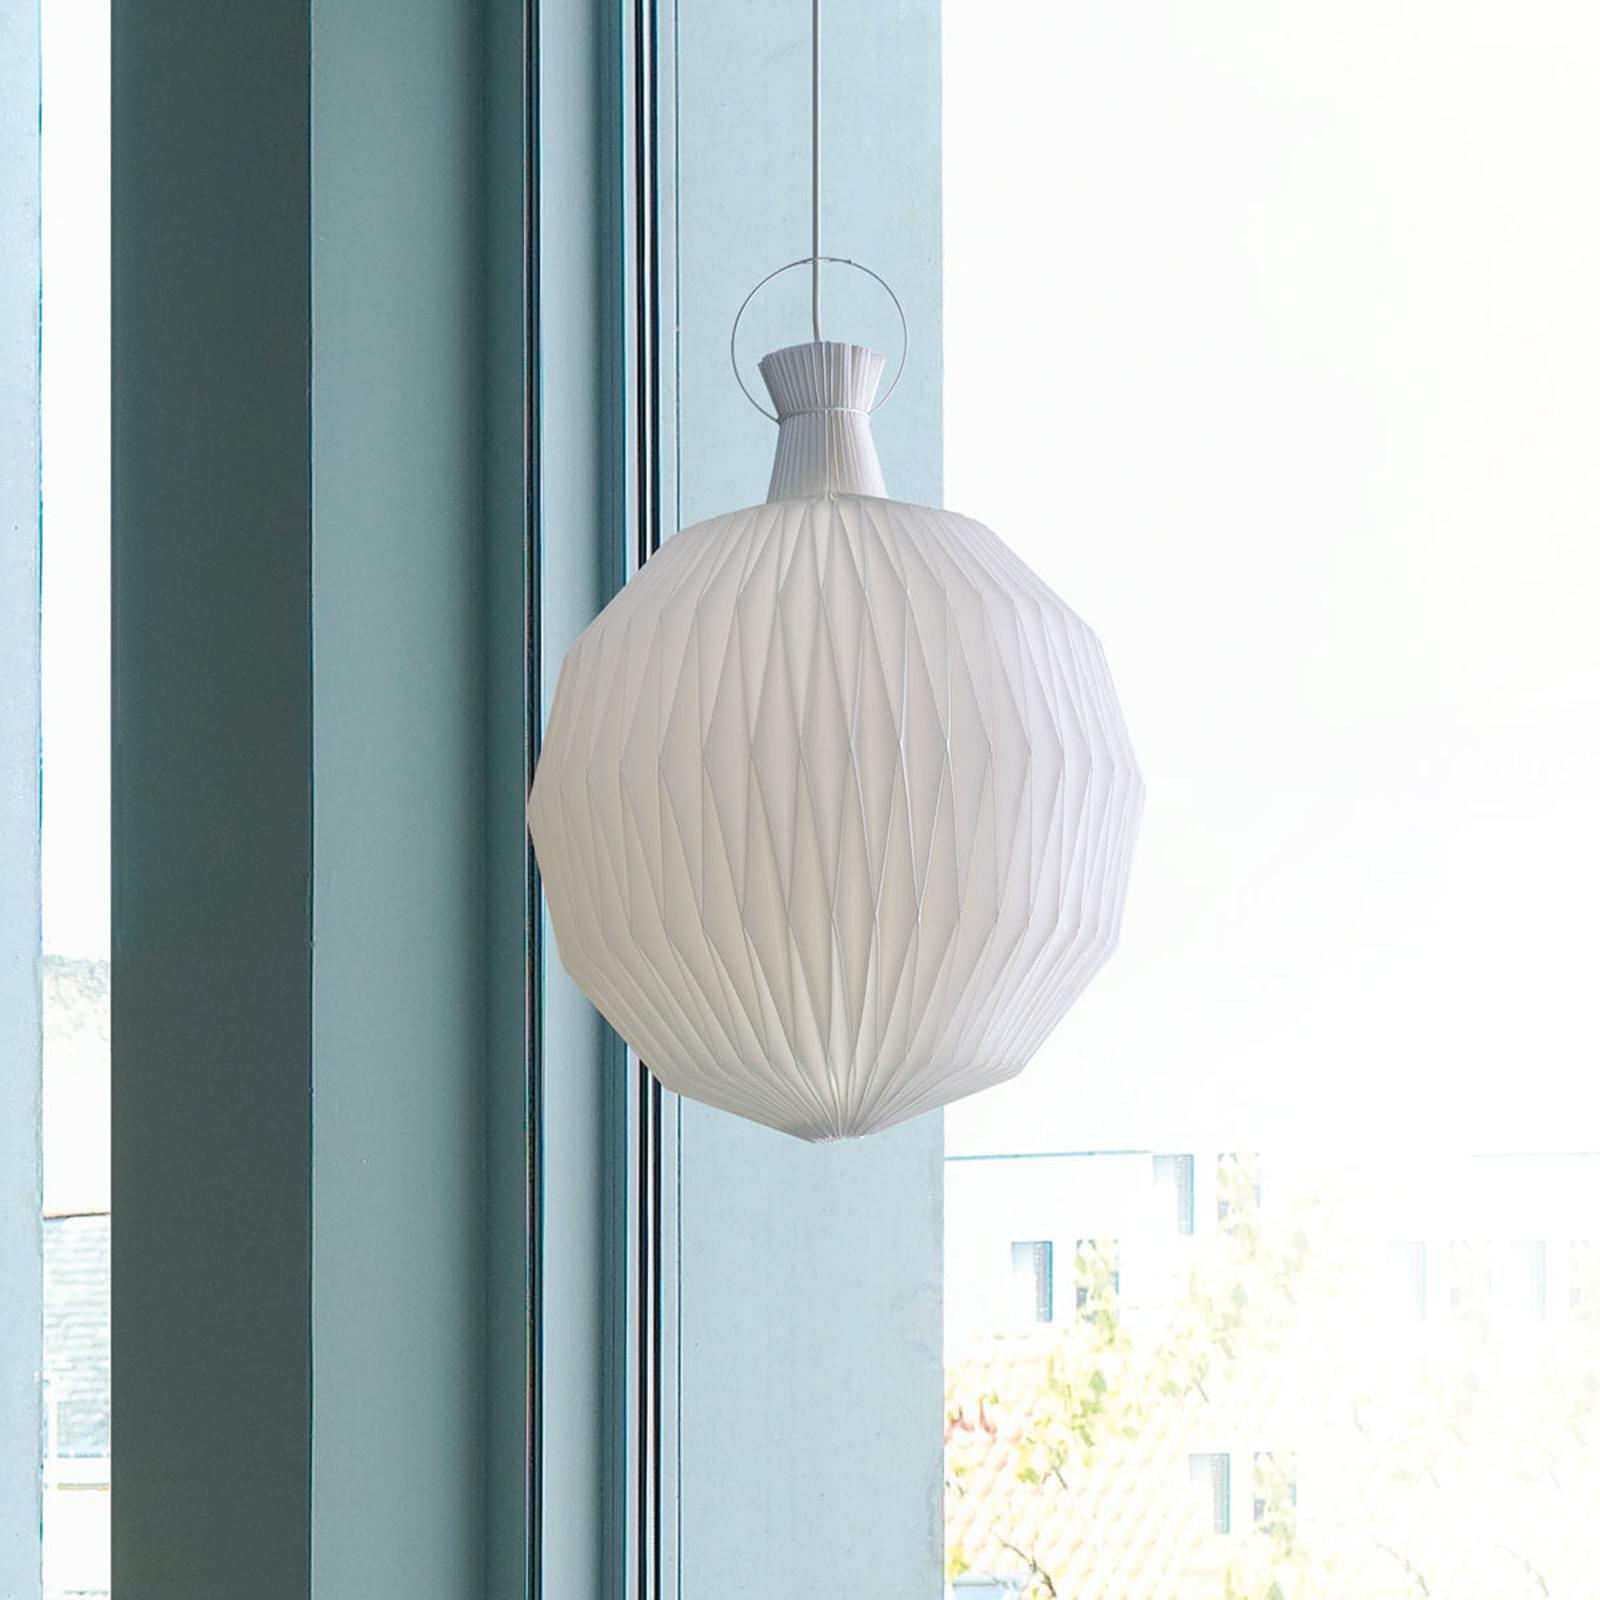 LE KLINT 101 Small, ručně skládané závěsné světlo